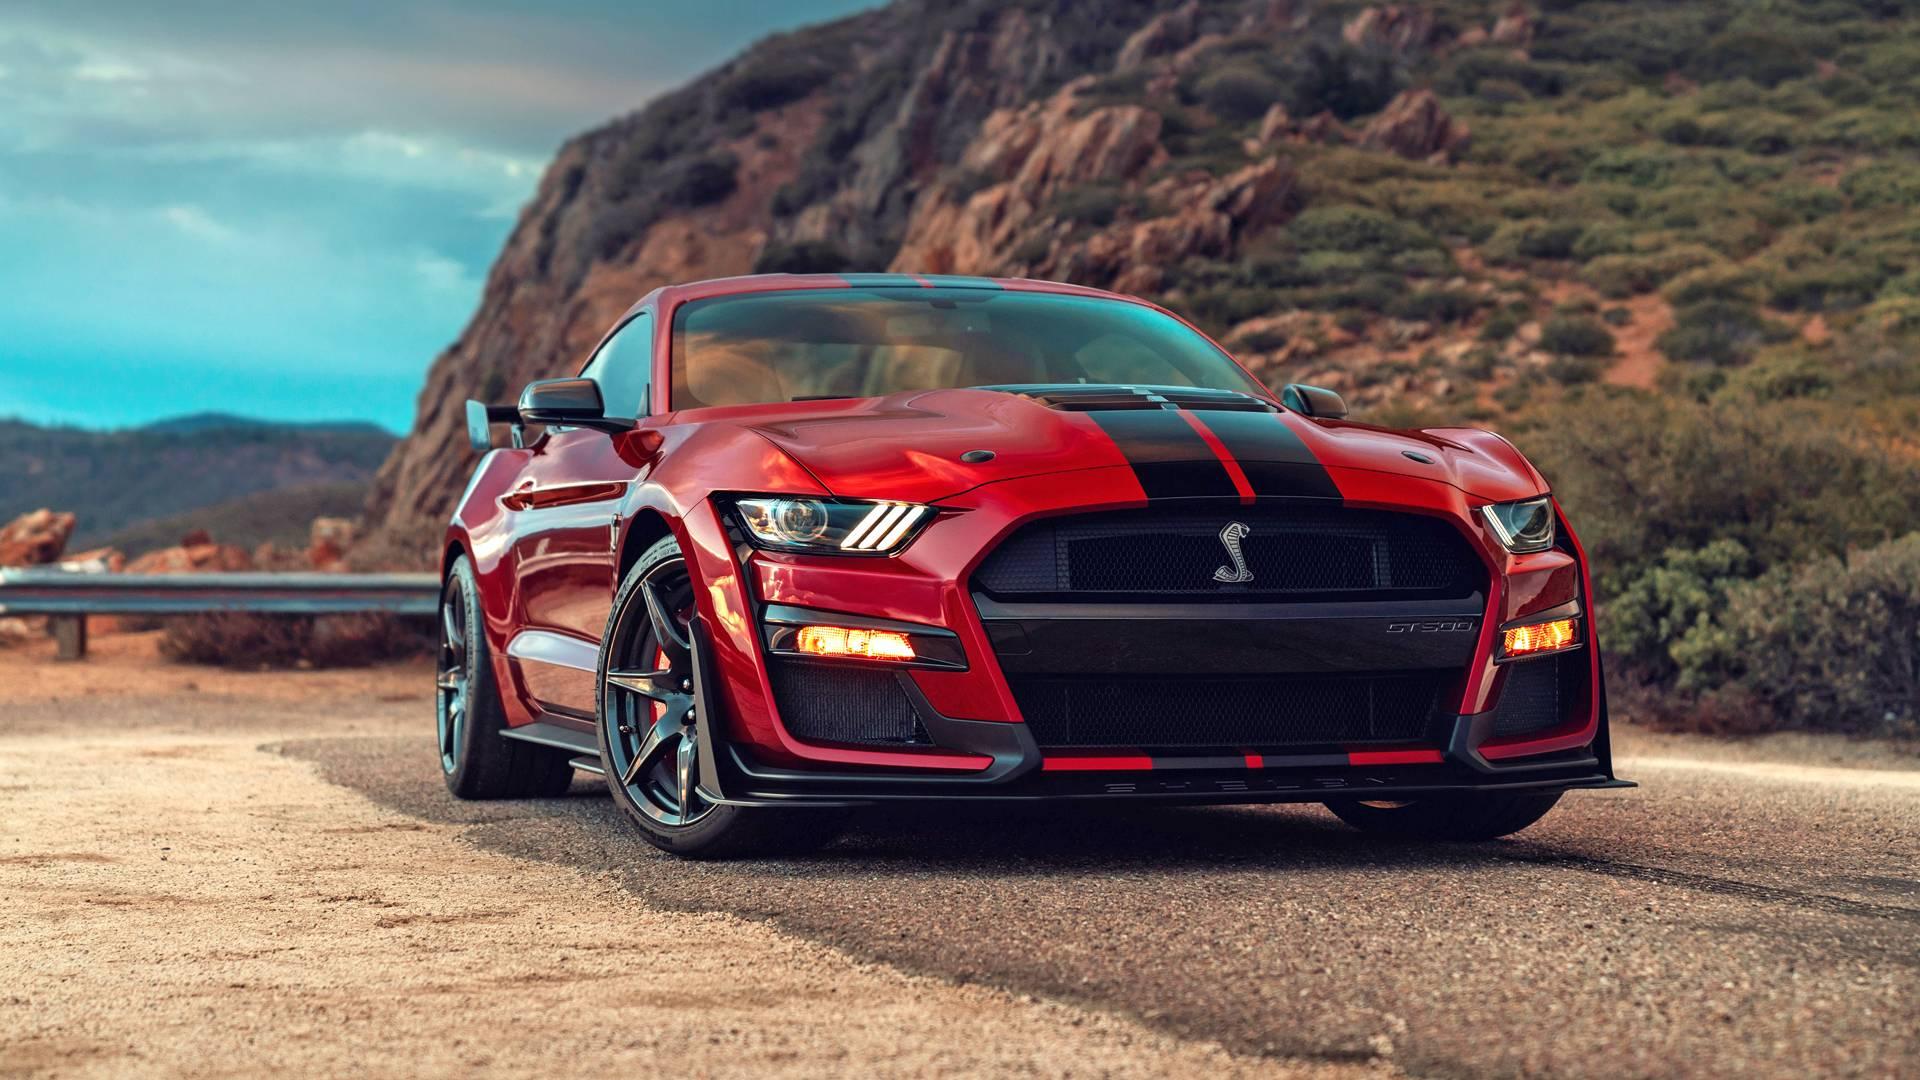 2020 Ford Shelby GT500, el Mustang más potente y salvaje